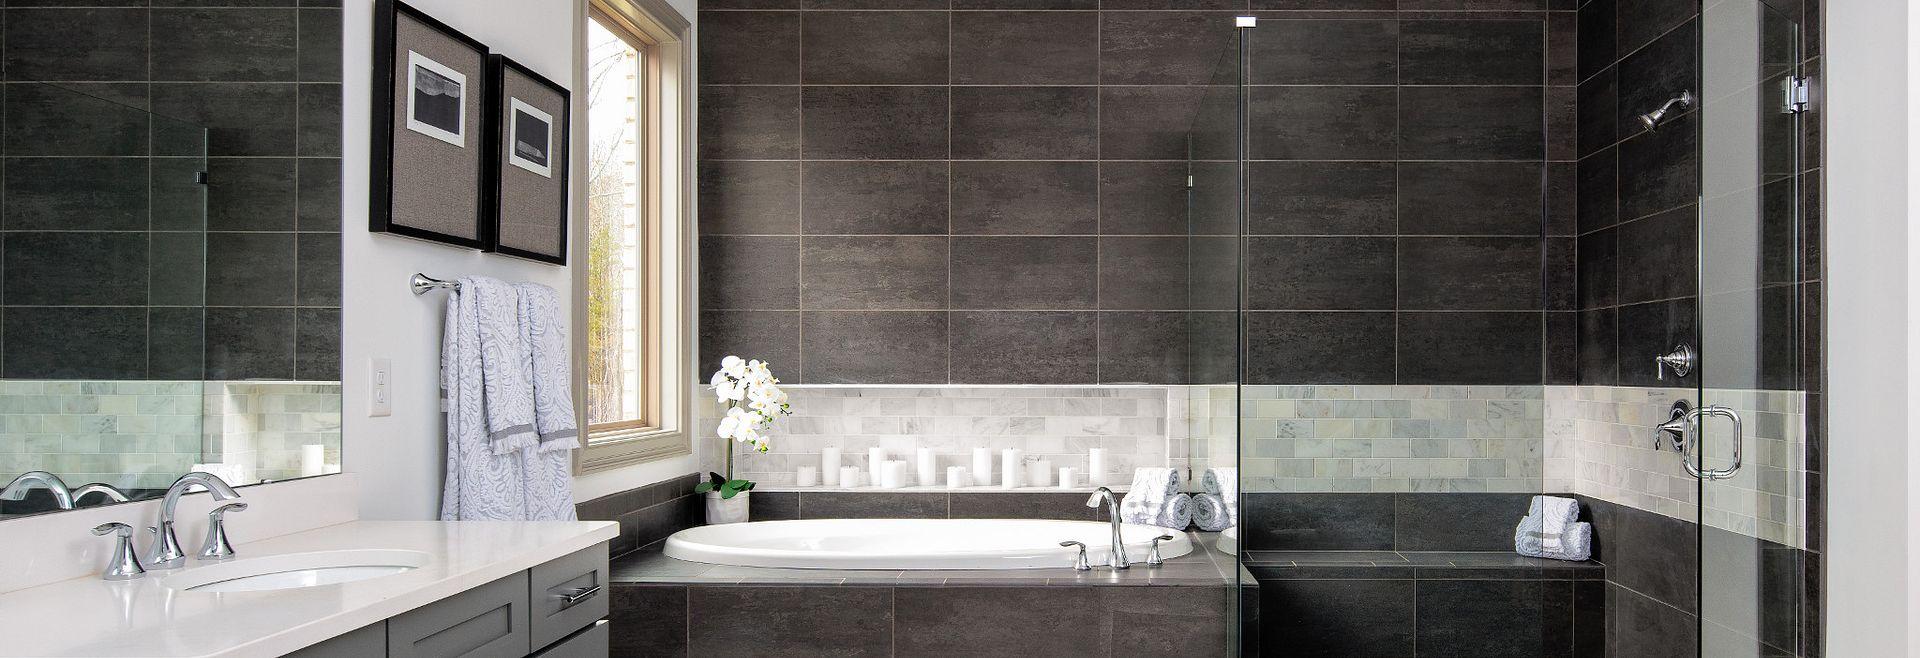 Amherst Plan Owner's Bath